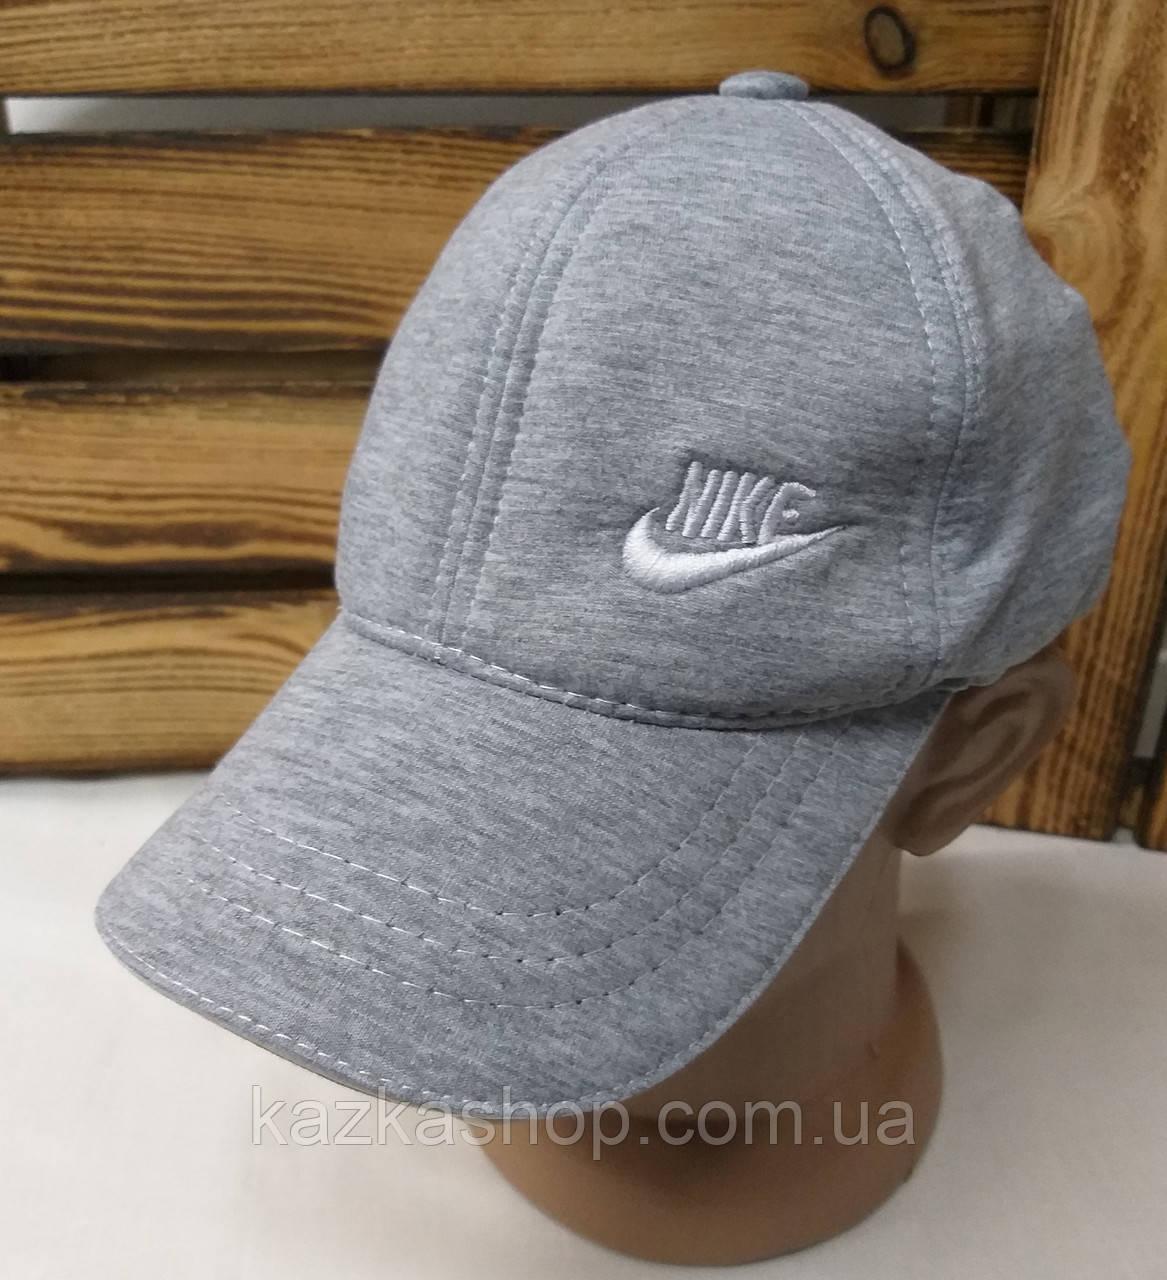 Мужская кепка светло-серого цвета, с вышивкой в стиле Nike (реплика), малая вышивка, трикотаж, на регуляторе